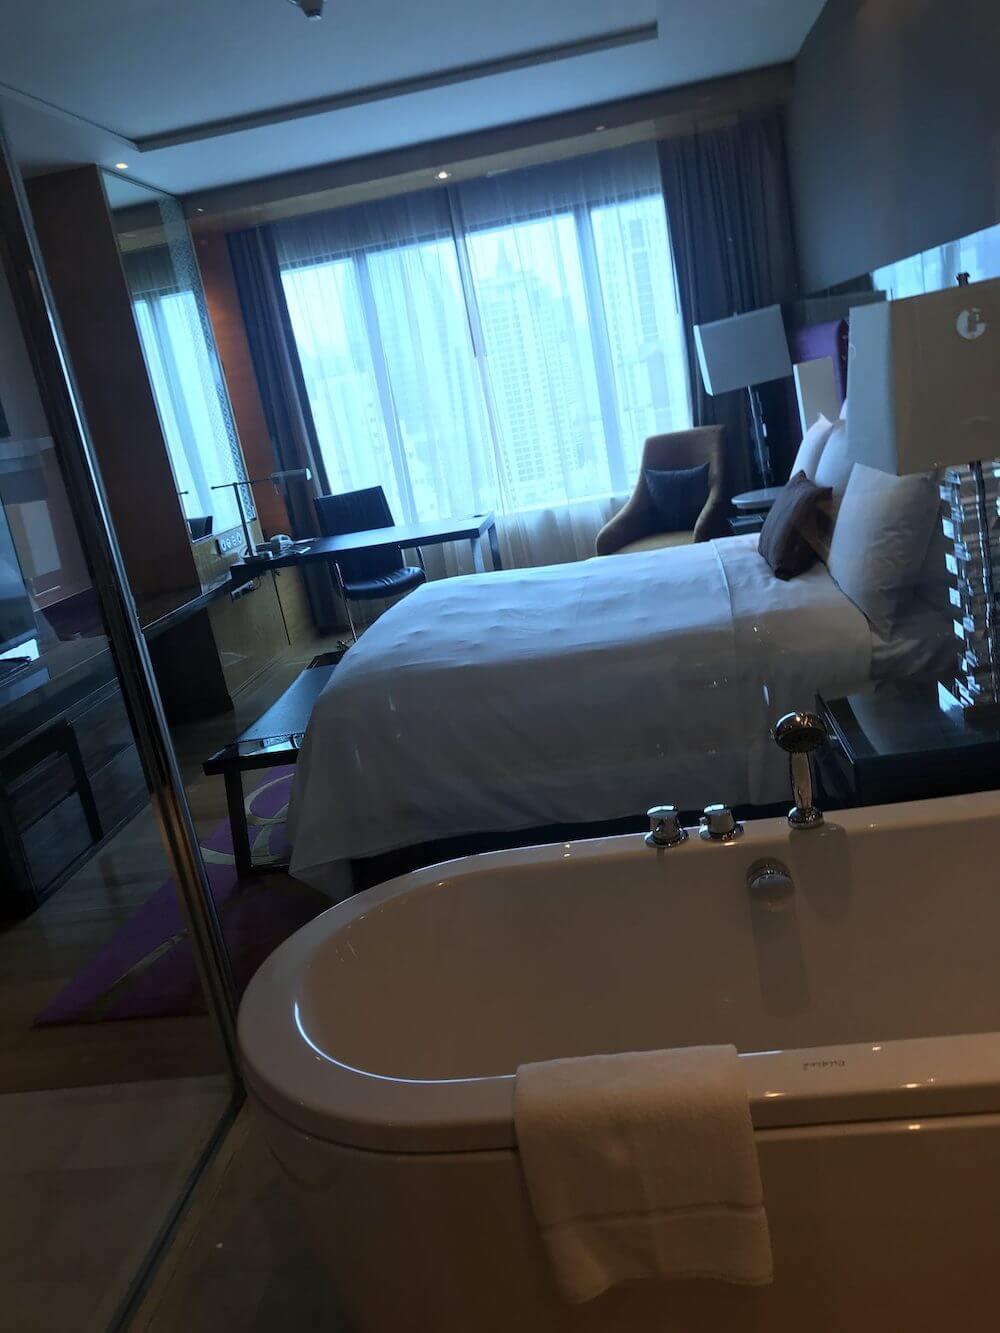 ルネッサンス バンコク ラッチャプラソーン ホテル 宿泊記 015